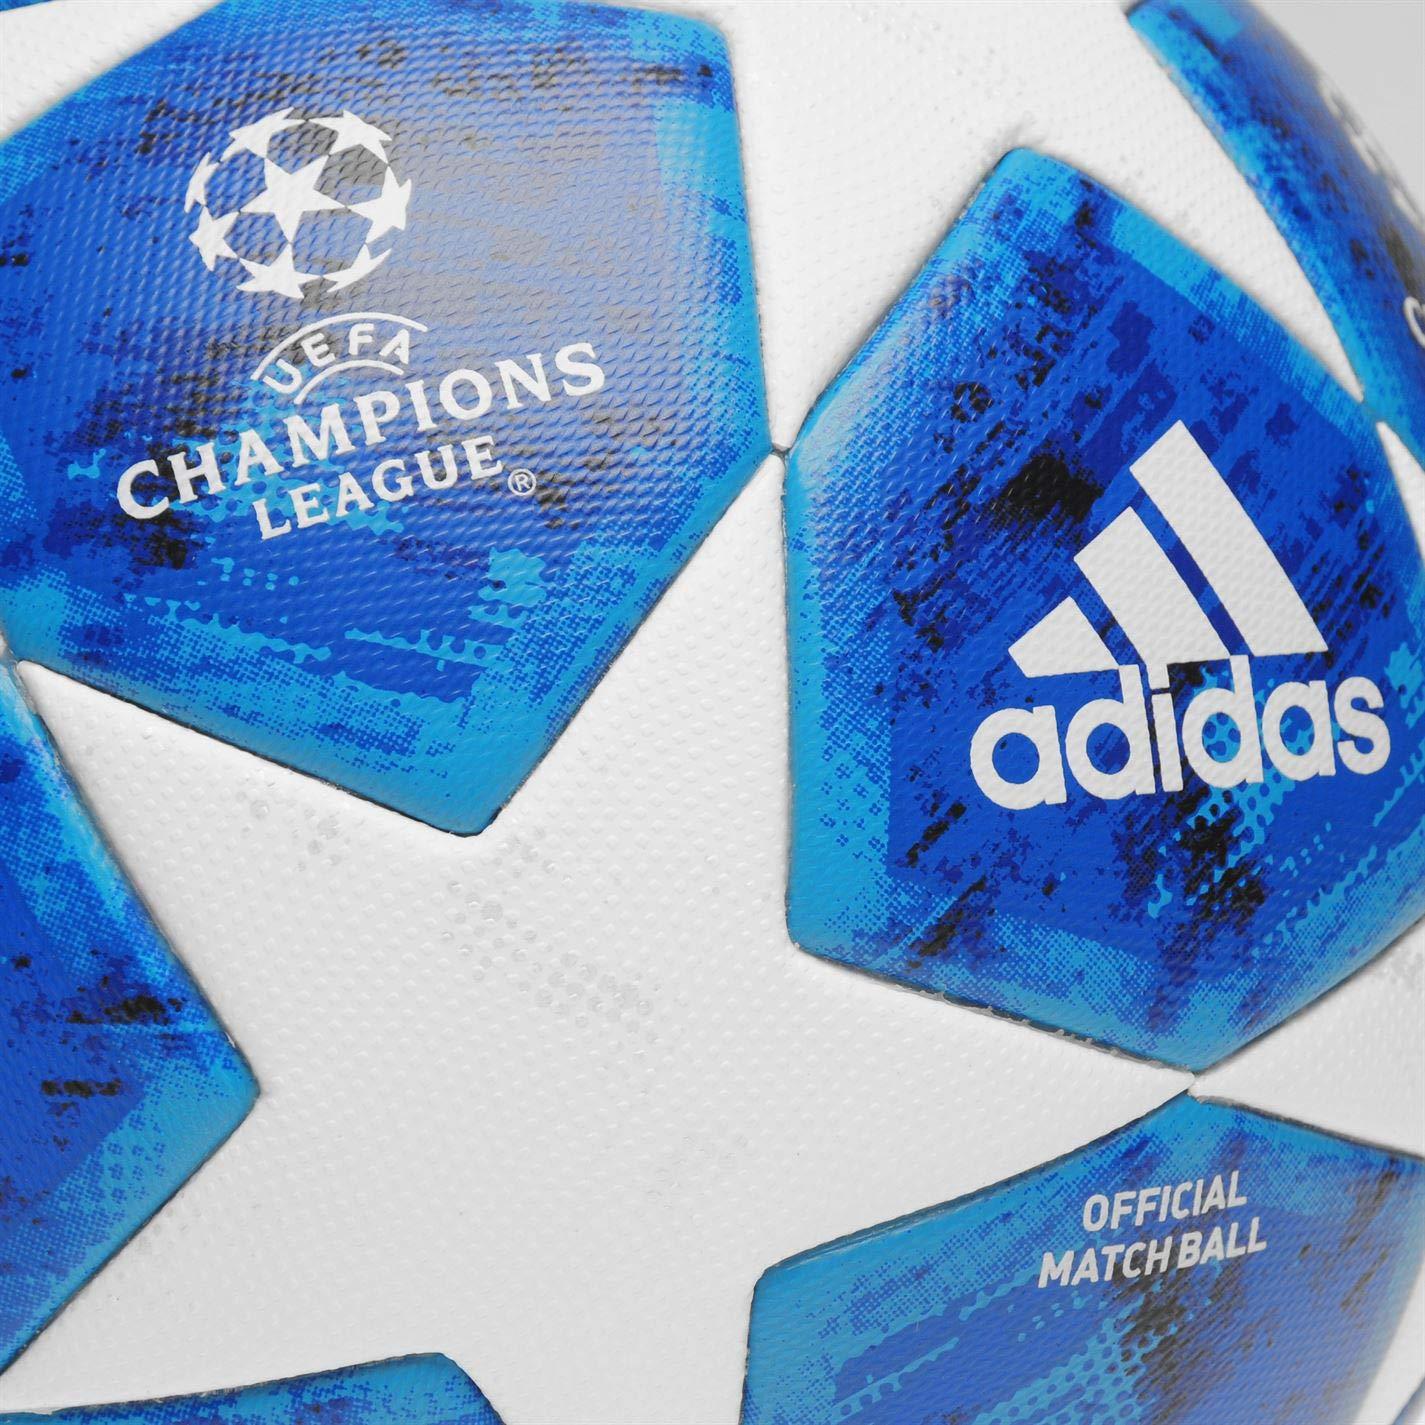 adidas Finale 18 Official Interior y Exterior - Pelotas de fútbol (Azul, Blanco, Específico, Interior y Exterior, 12 año(s), Poliéster, Polyester 100): ...